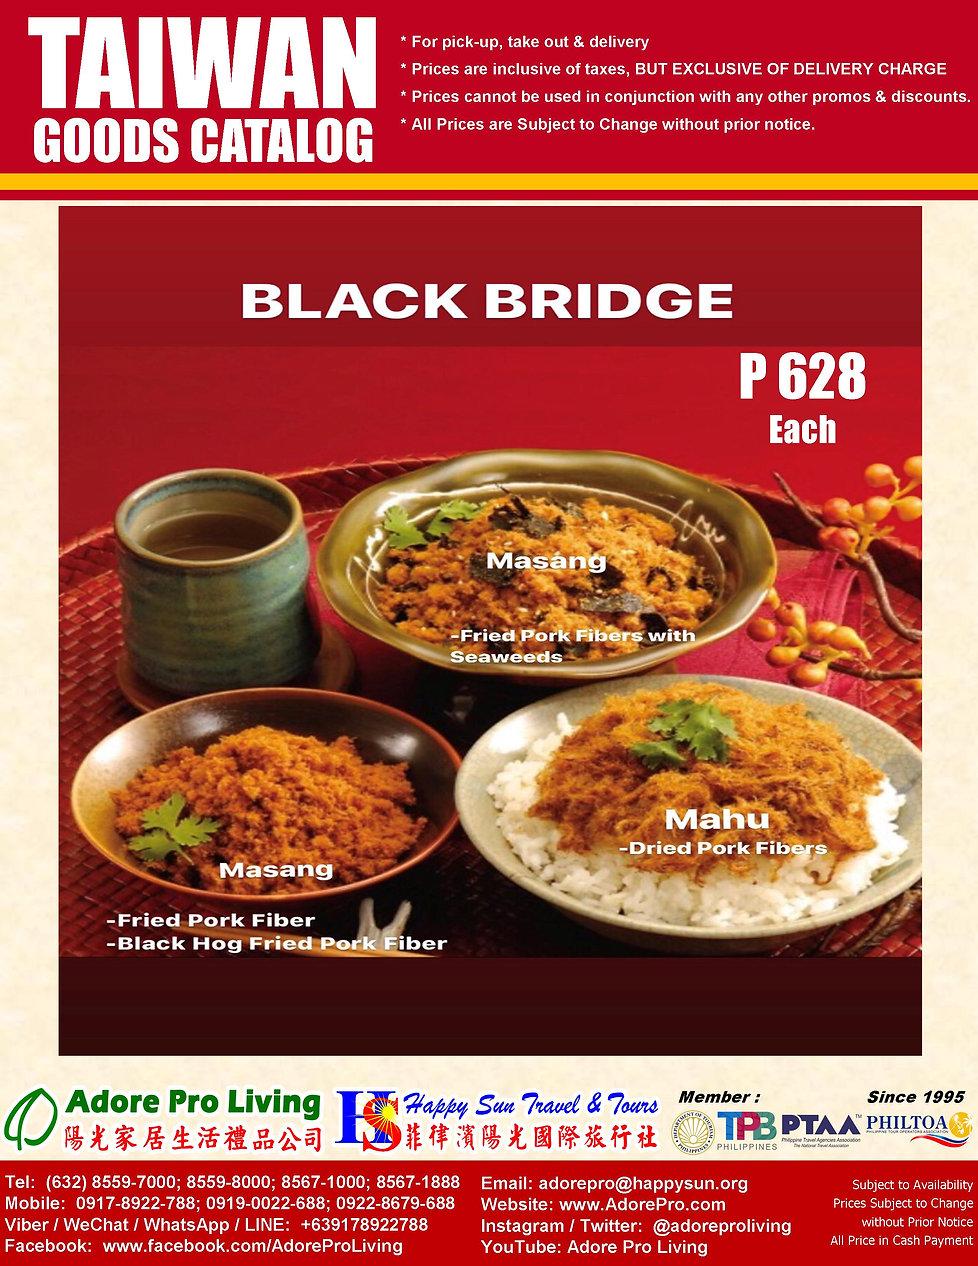 P27_Taiwan Food Catalog_5th Item_2020102